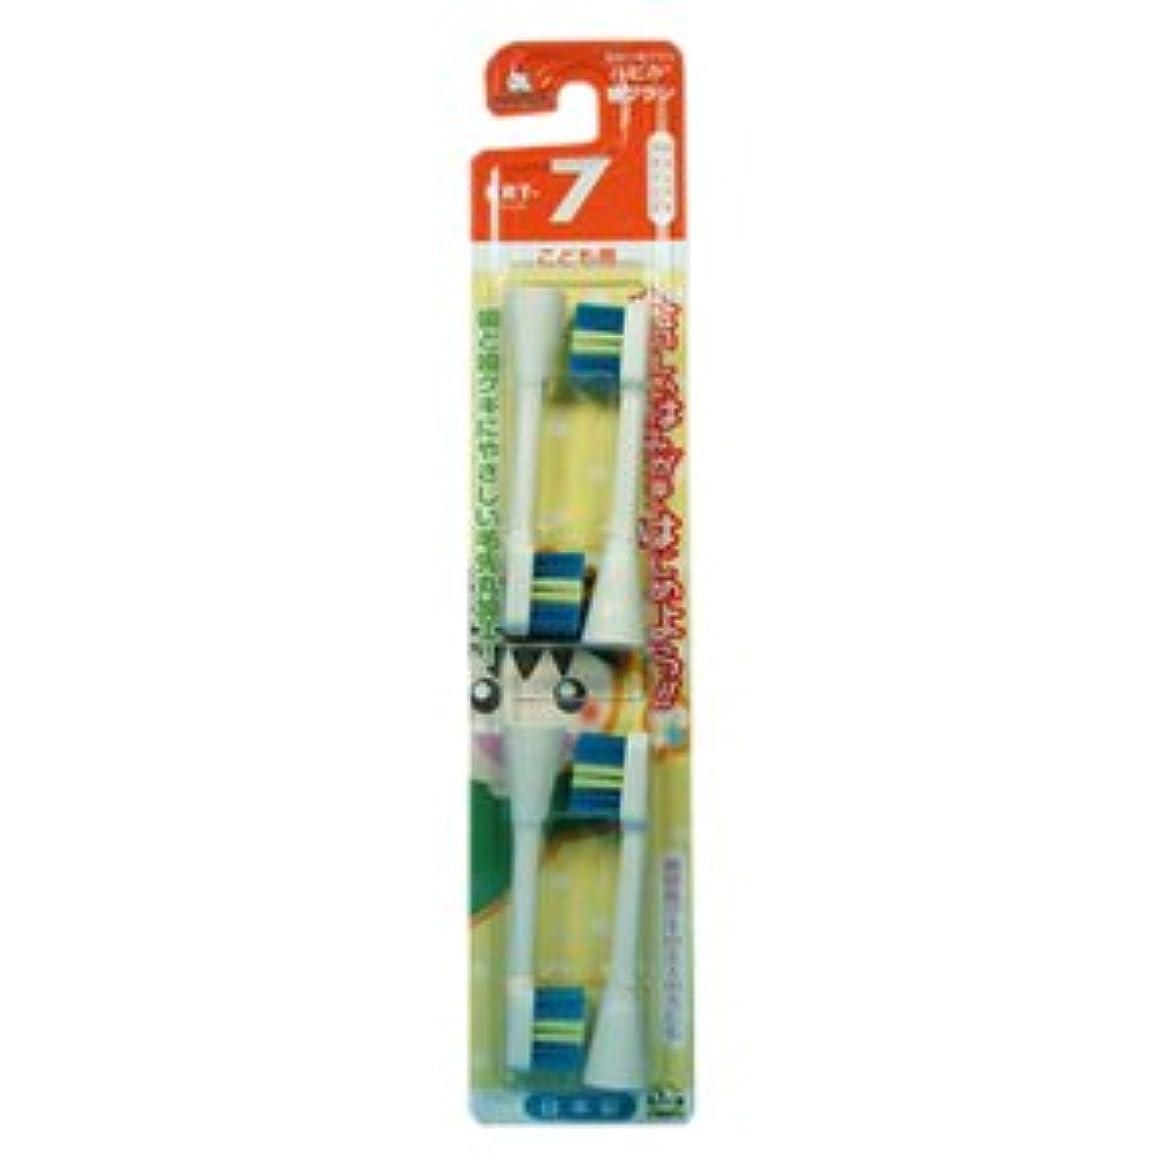 近代化トーナメント夜の動物園ミニマム 電動付歯ブラシ ハピカ 専用替ブラシ こども用 毛の硬さ:やわらかめ BRT-7 4個入